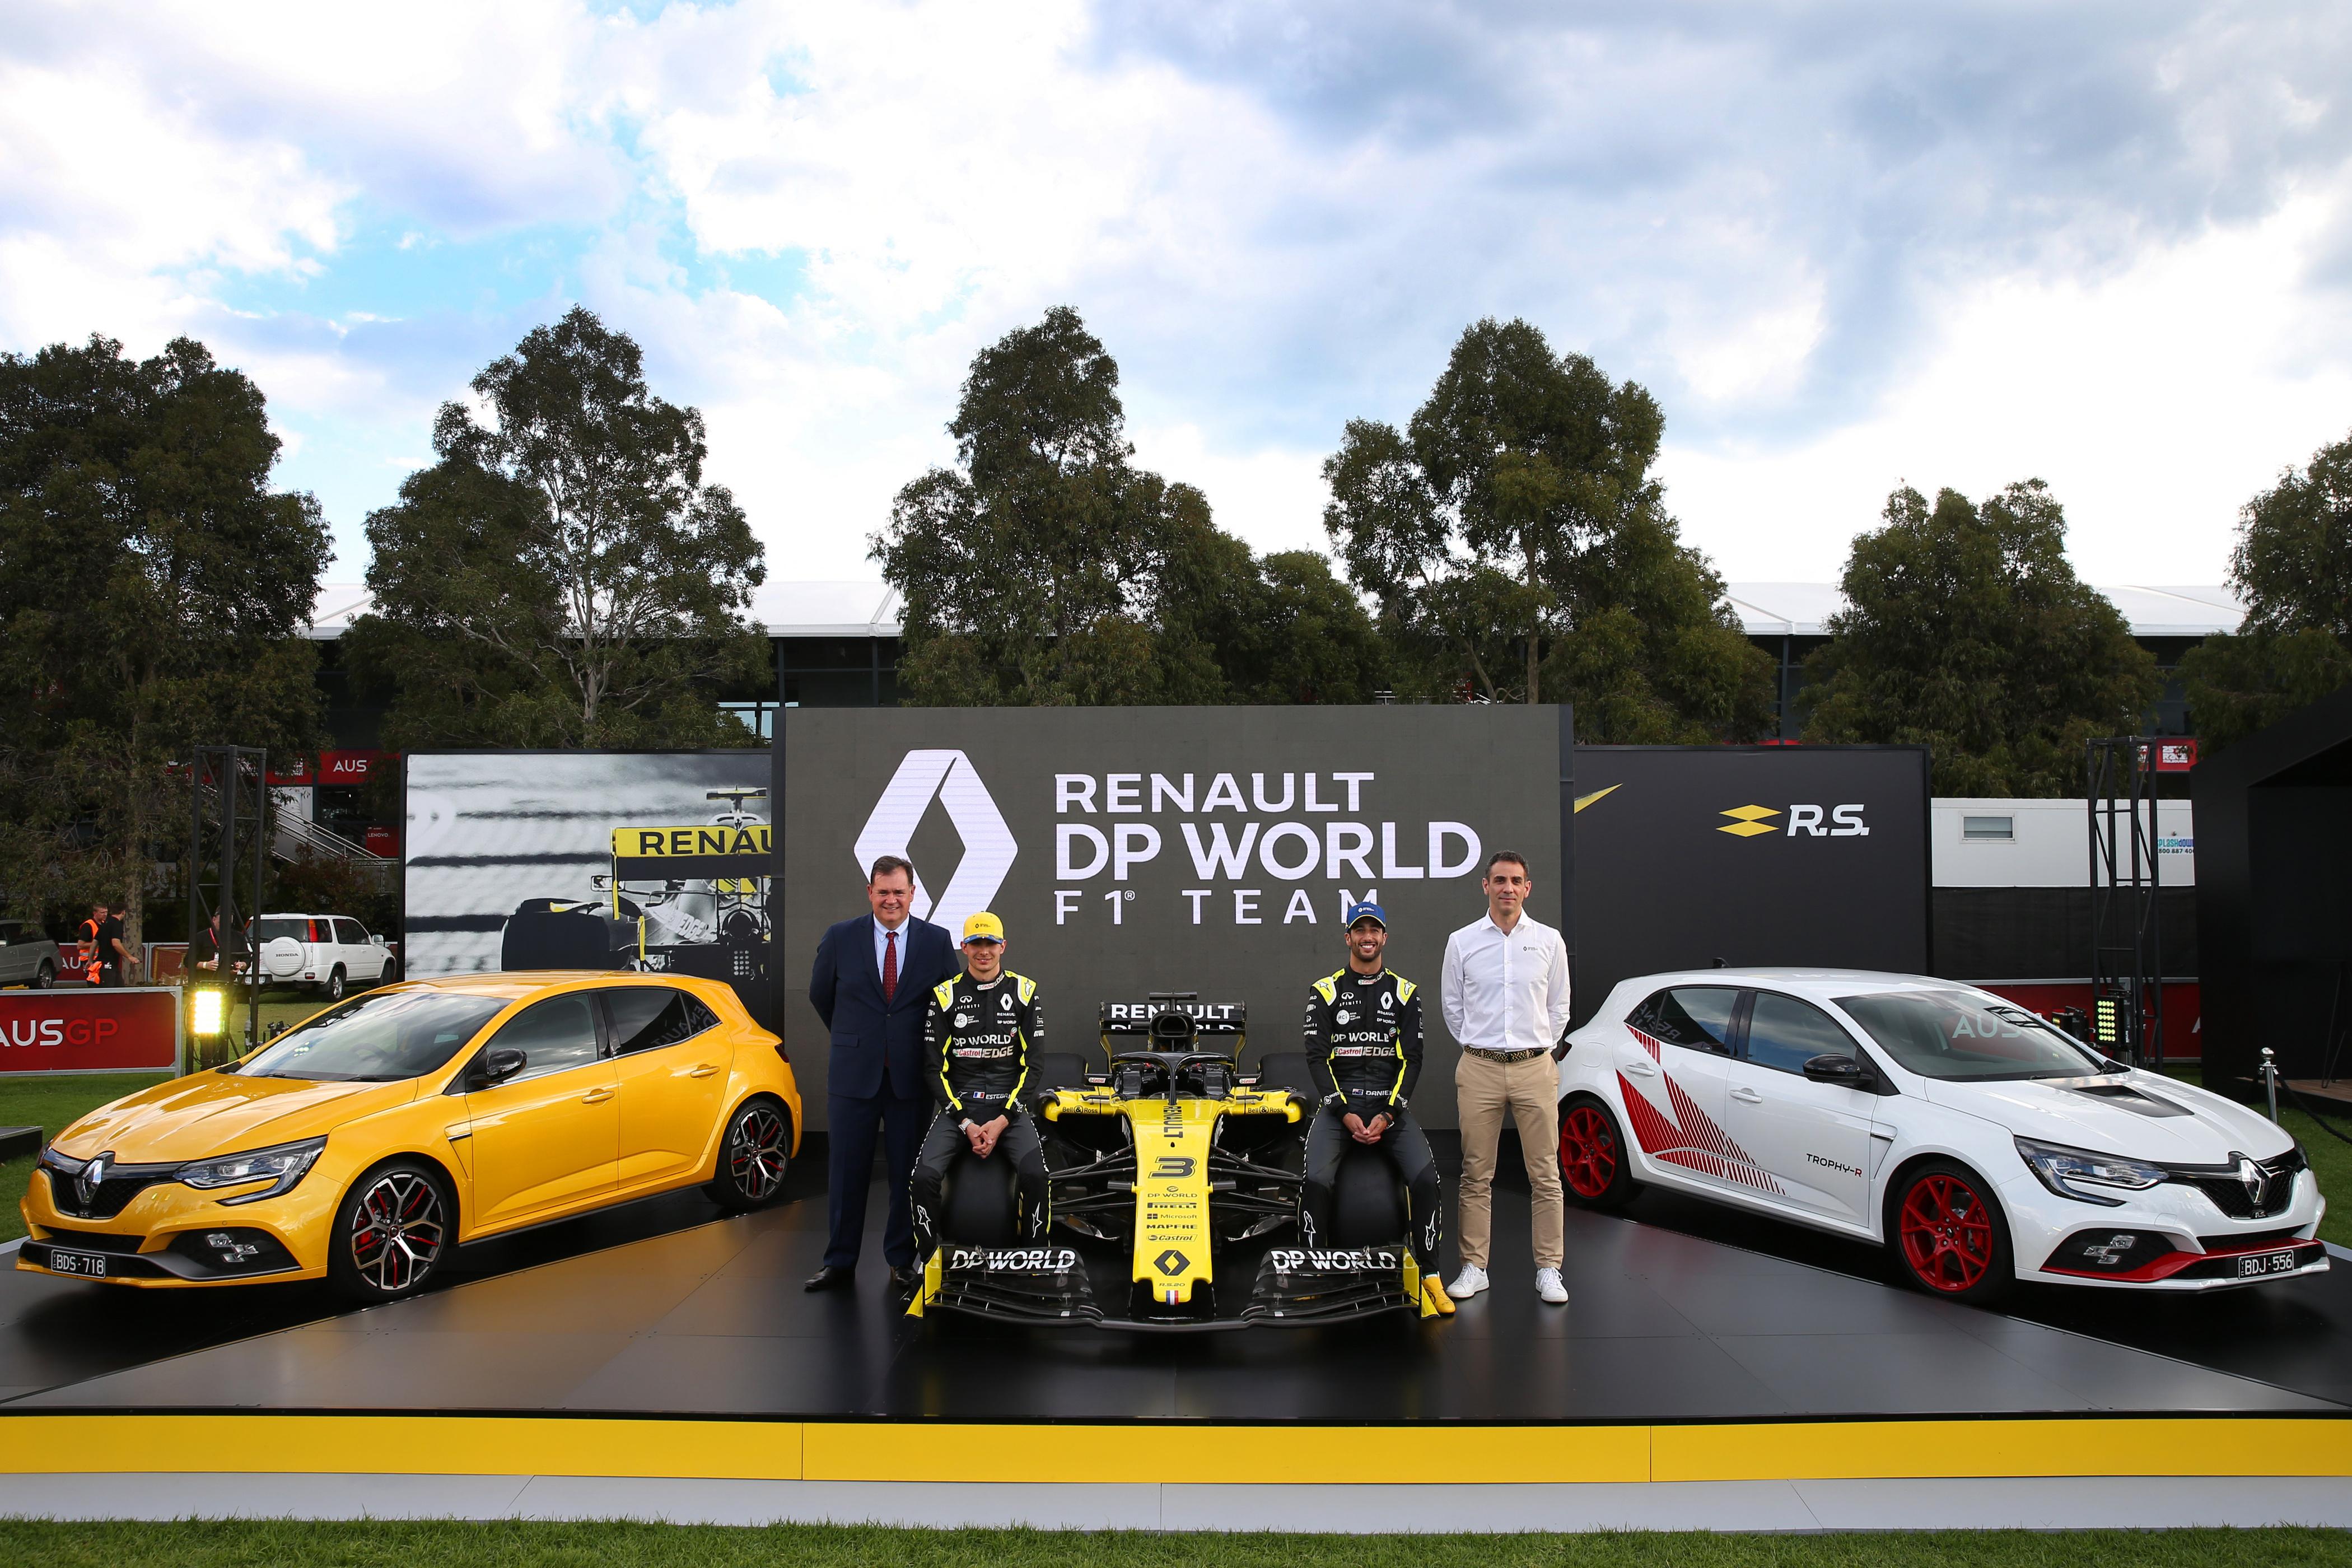 Sajtóhír: Brutális megszorításokra készül a Renault, az F1-et is érintheti